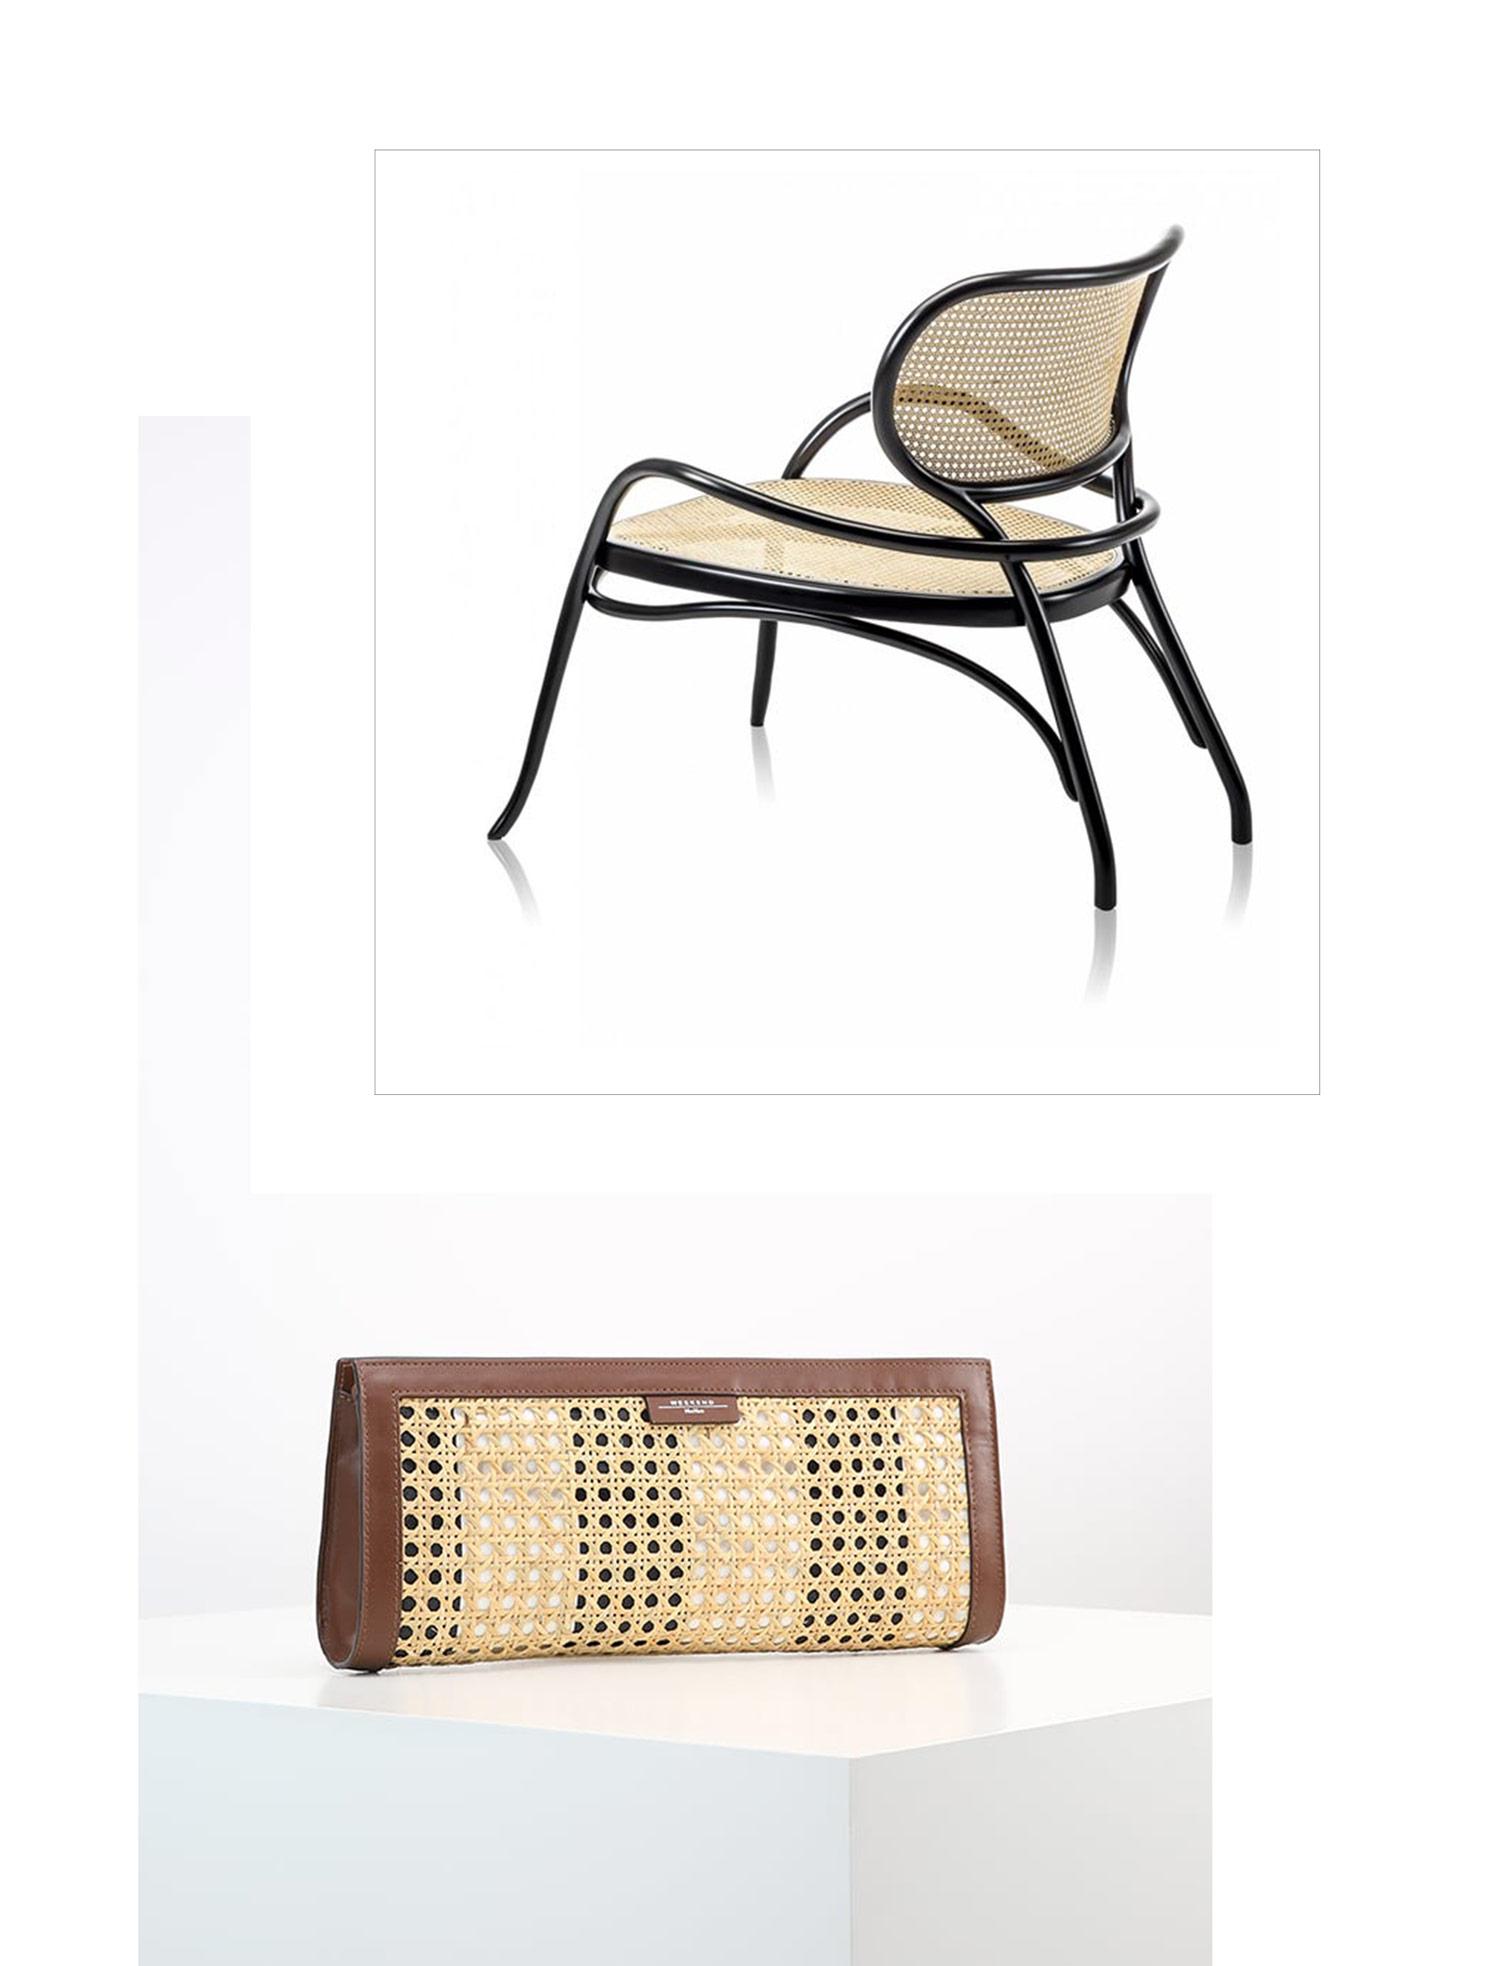 Rattan Möbel Revival- Must have des Sommers in unseren vier Wänden